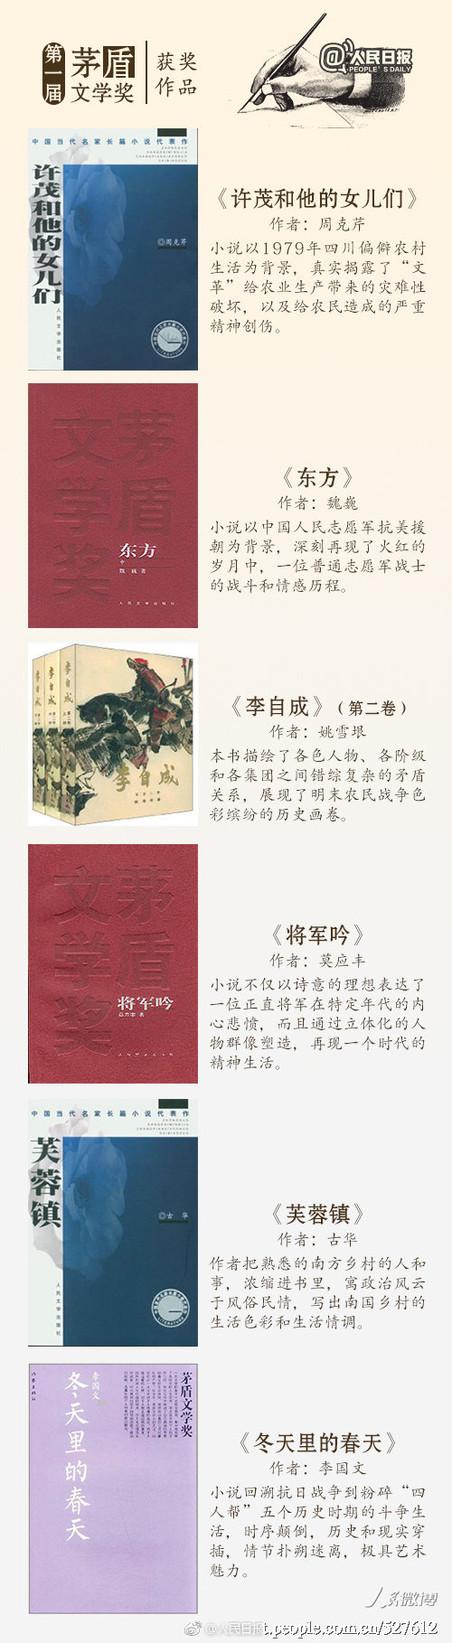 常识积累:第十届茅盾文学奖揭晓